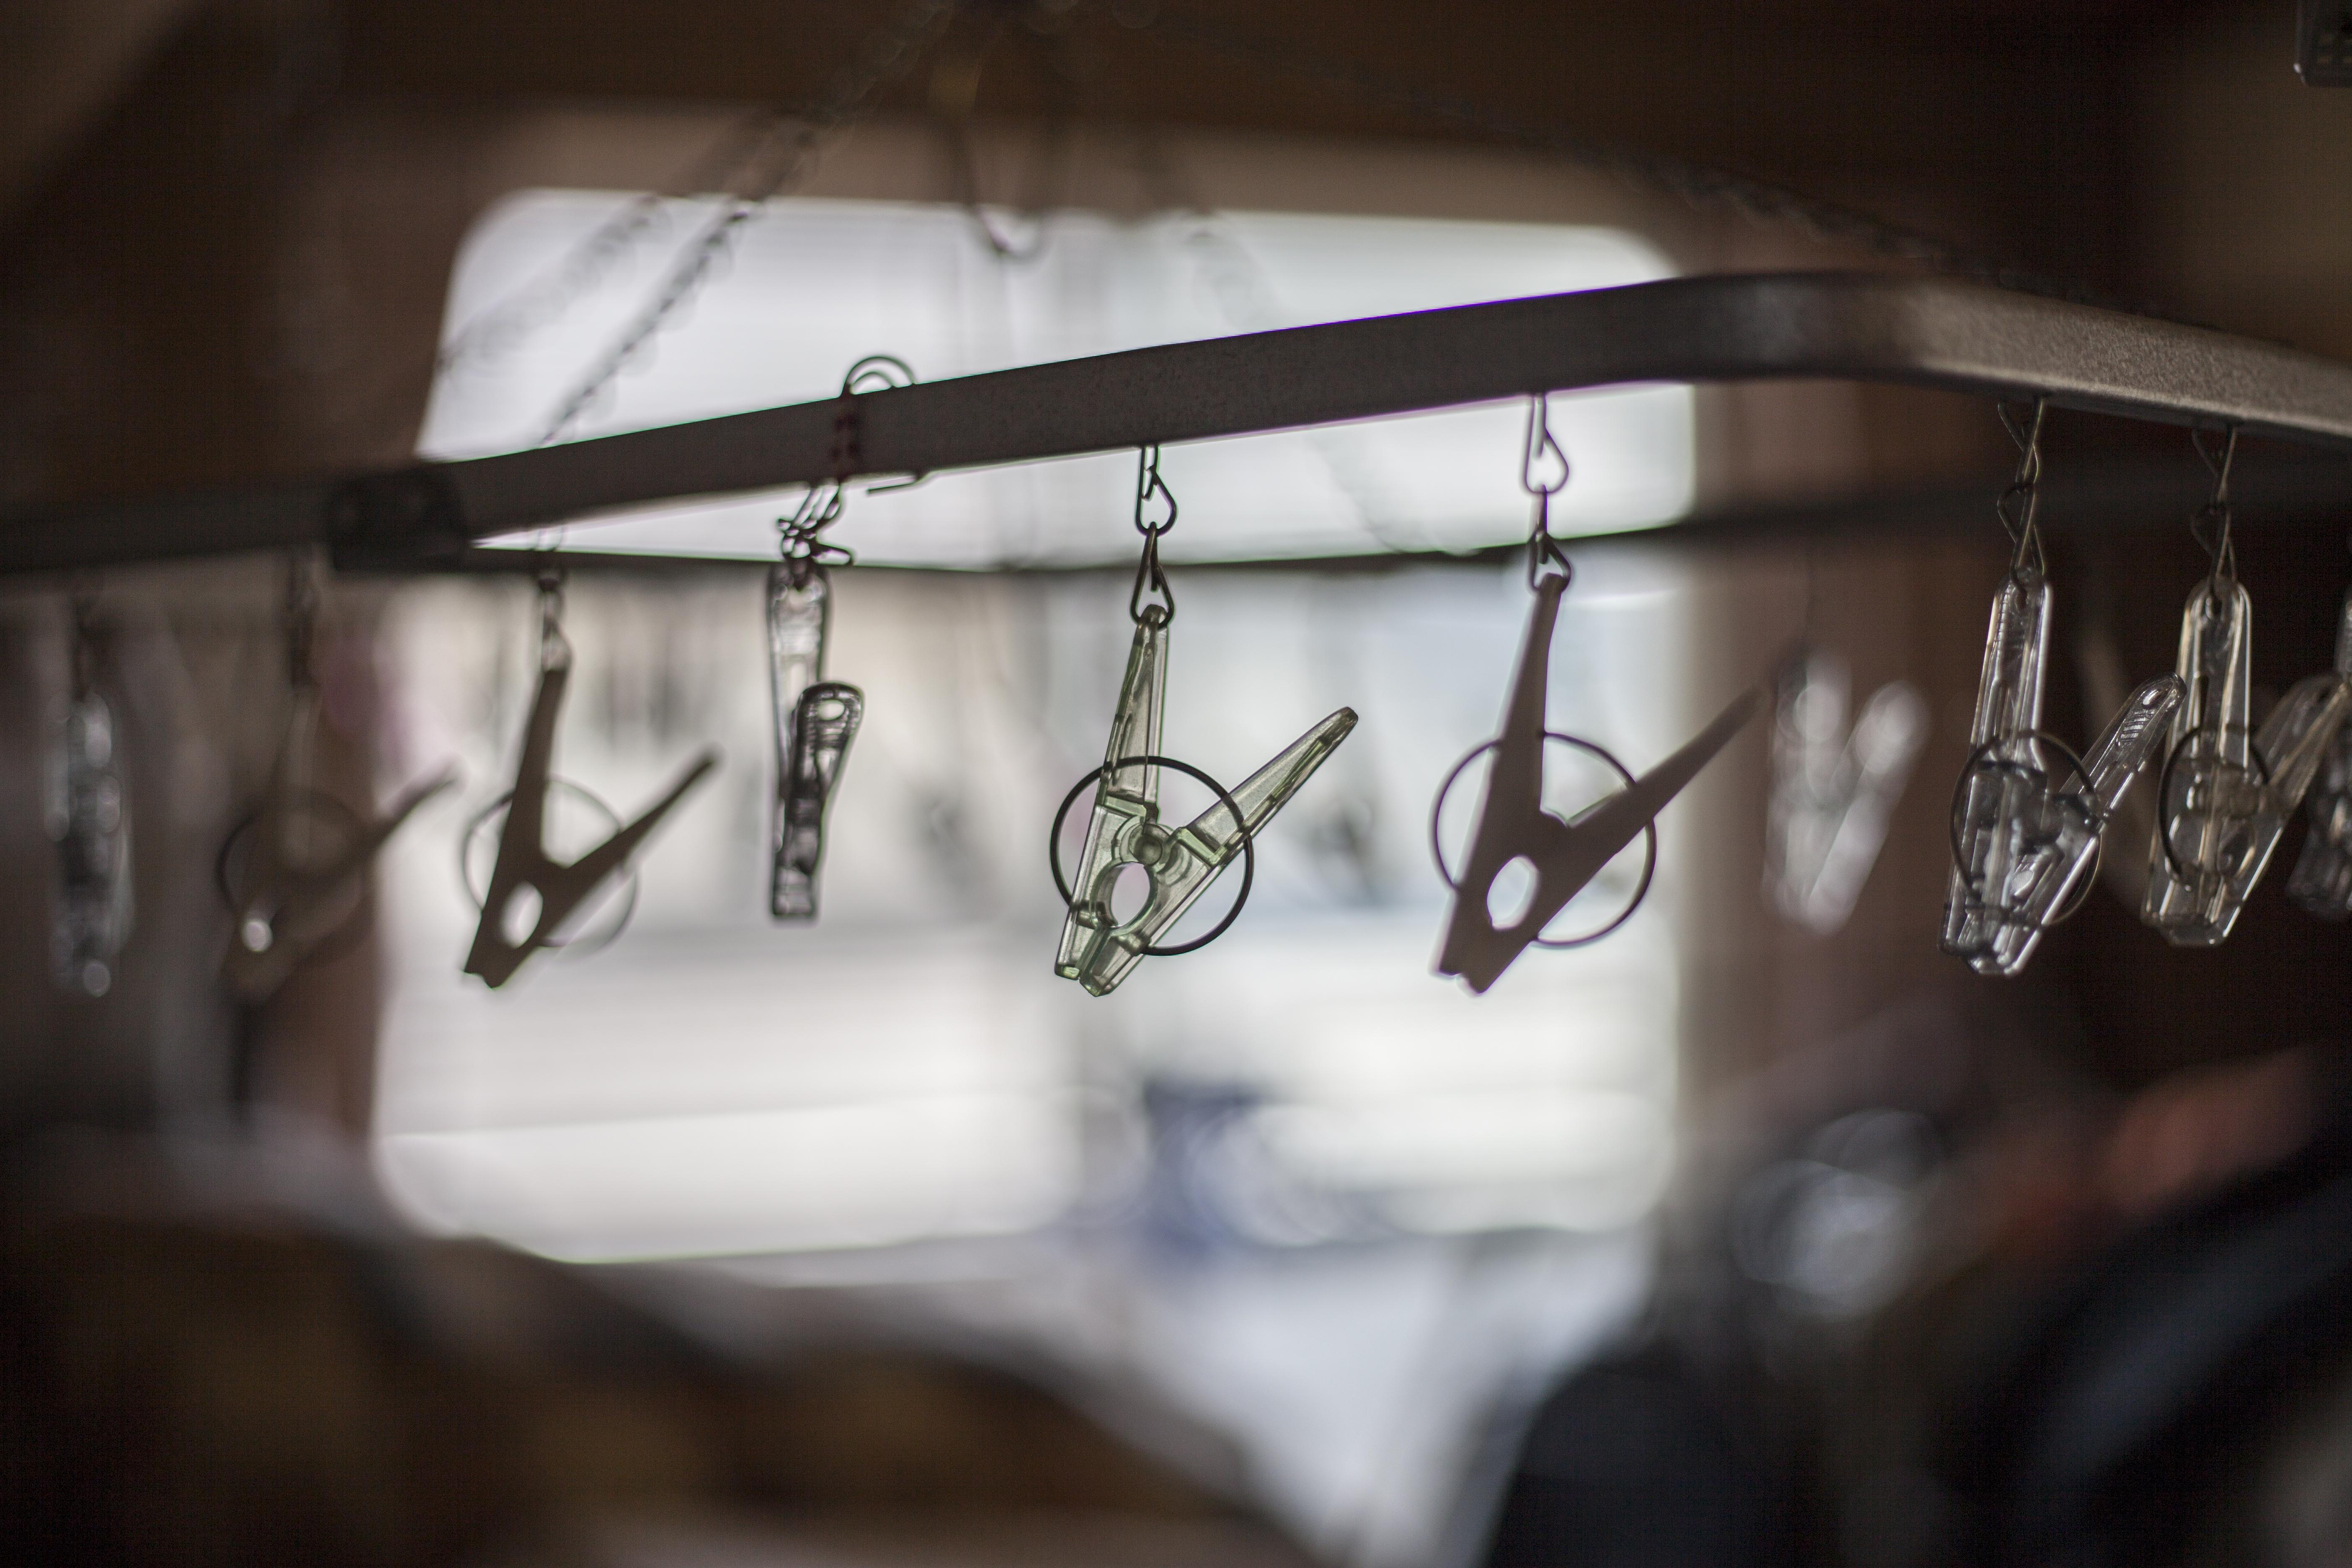 角ハンガー・洗濯ハンガーのおすすめ7選!人気のニトリや無印良品も